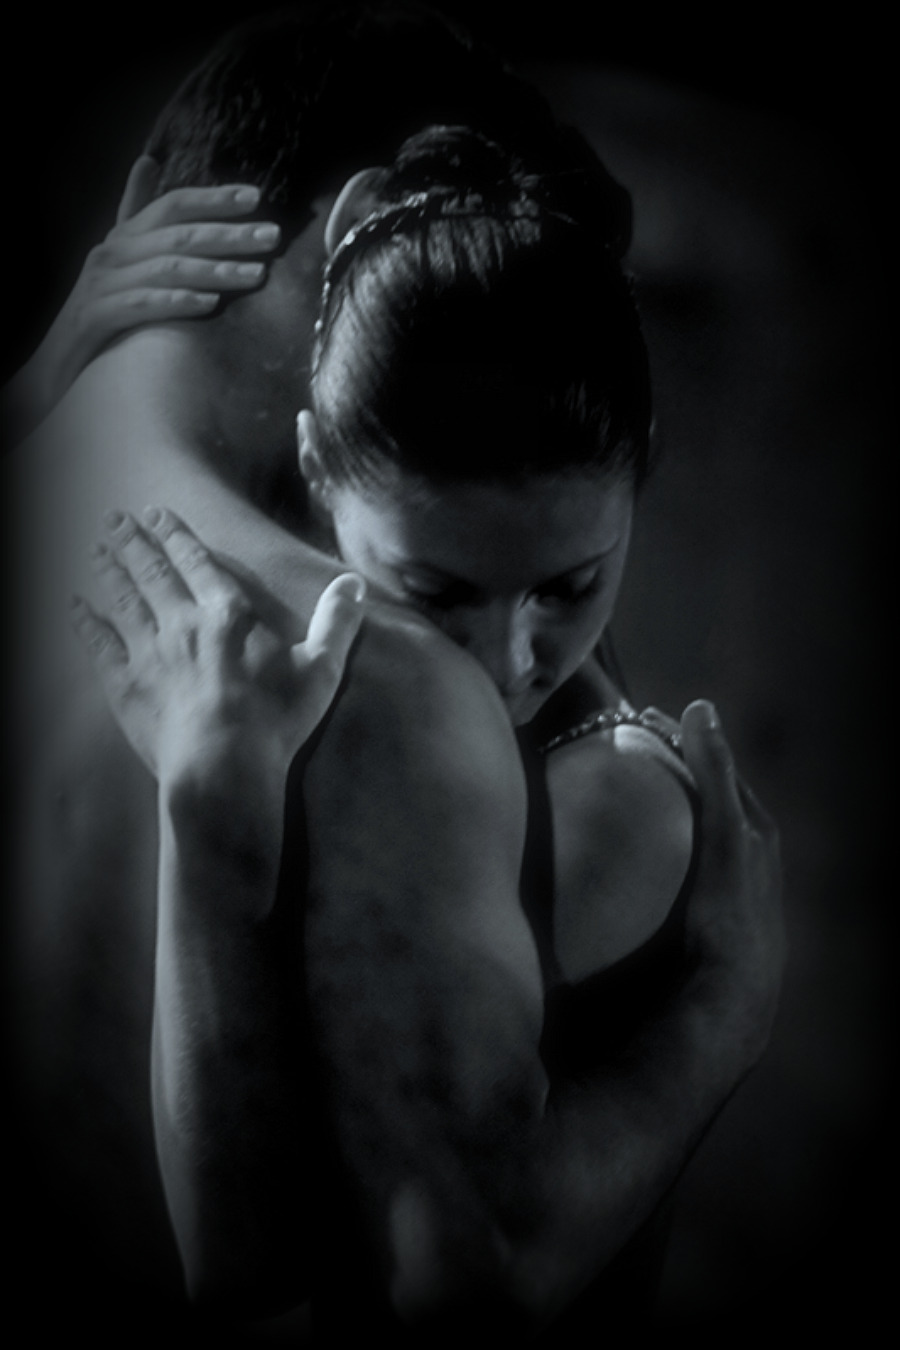 sensuali abbracci immagini di